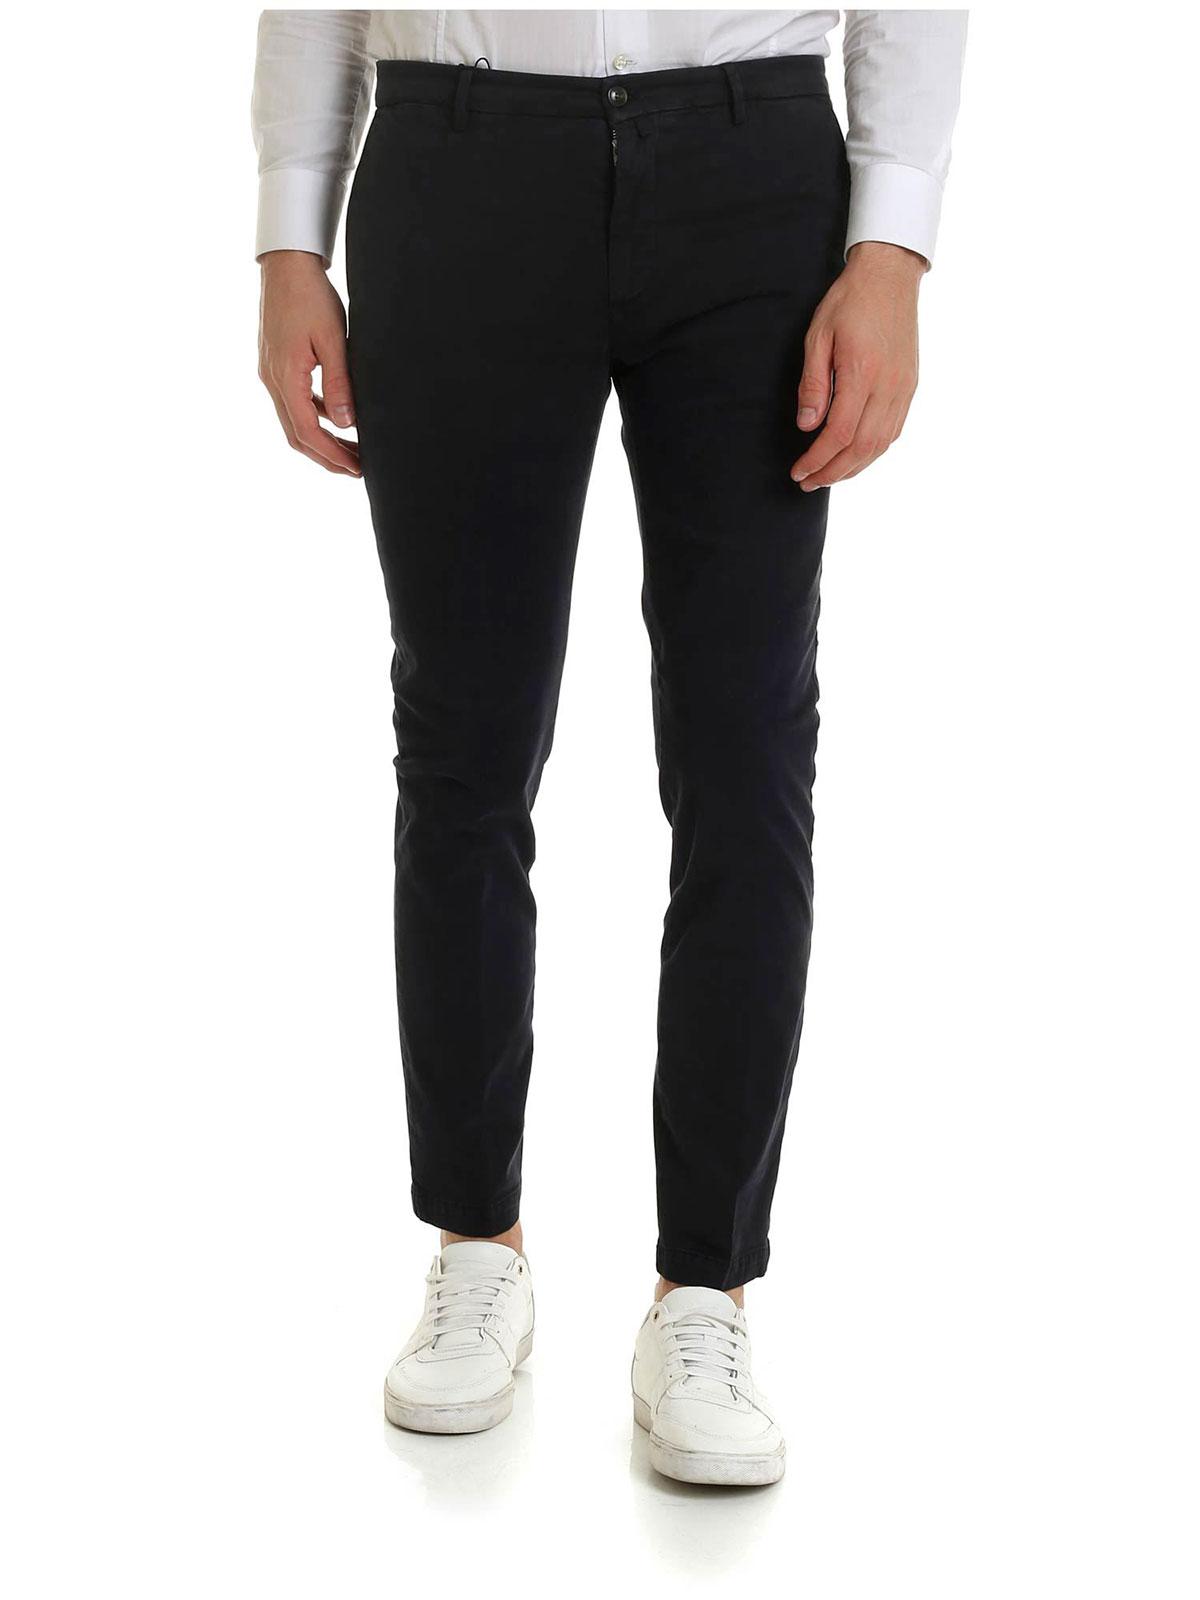 metà prezzo sempre popolare nuovi arrivi BRIGLIA 1949 Pantalone Uomo in Cotone Stretch Blu Scuro | BG04 ...